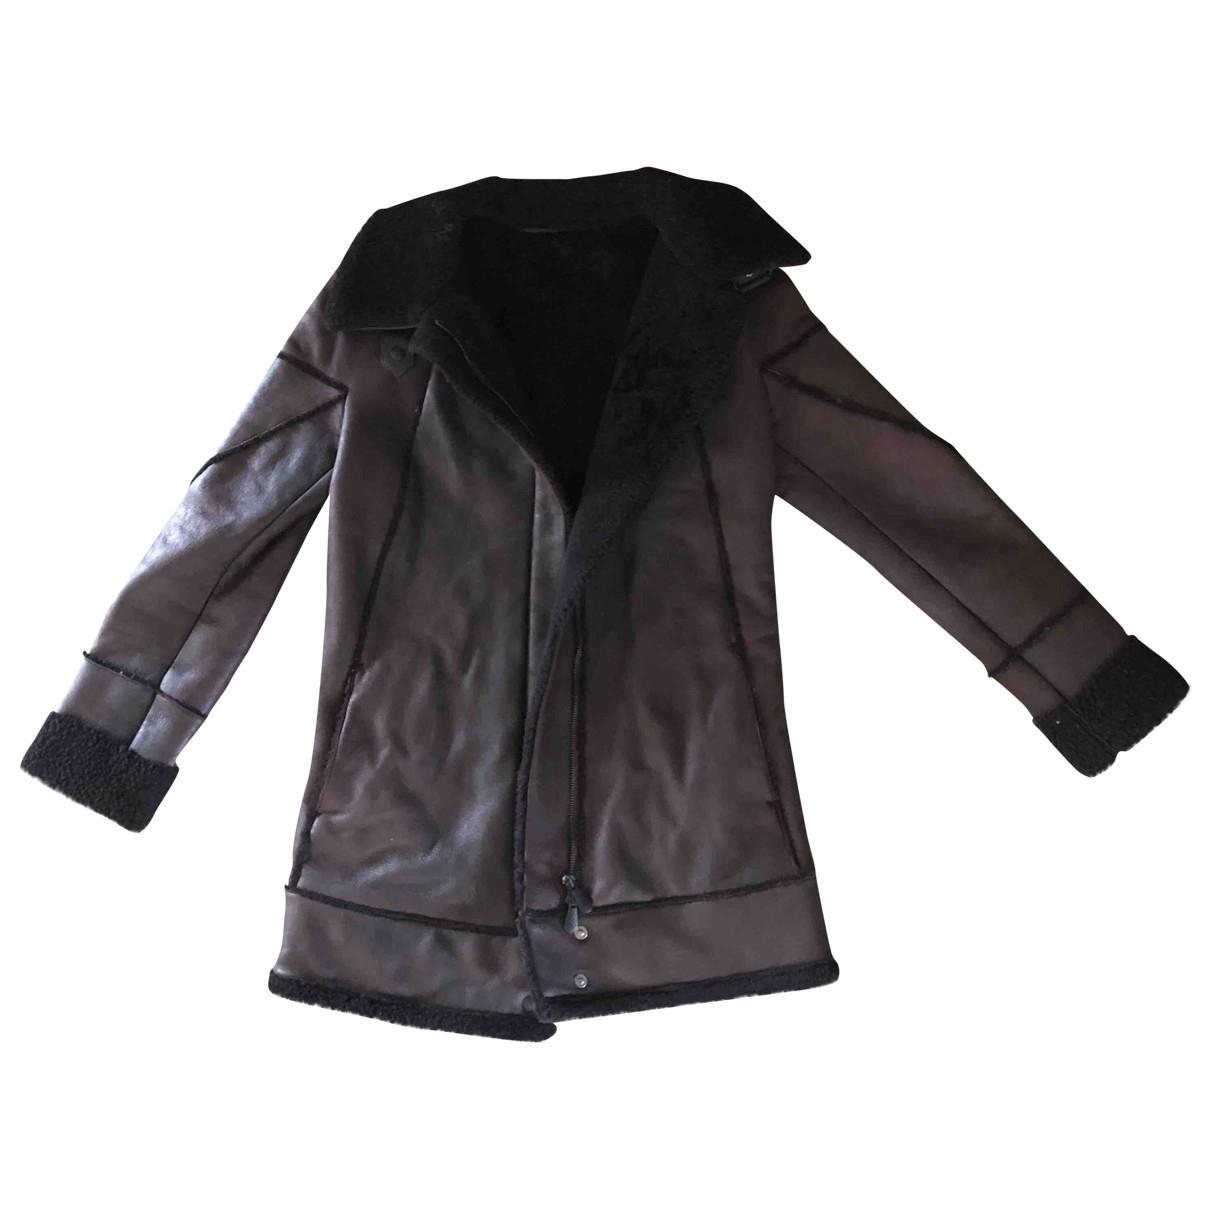 Bottega Veneta \N Burgundy Shearling Leather jacket for Women 34 FR